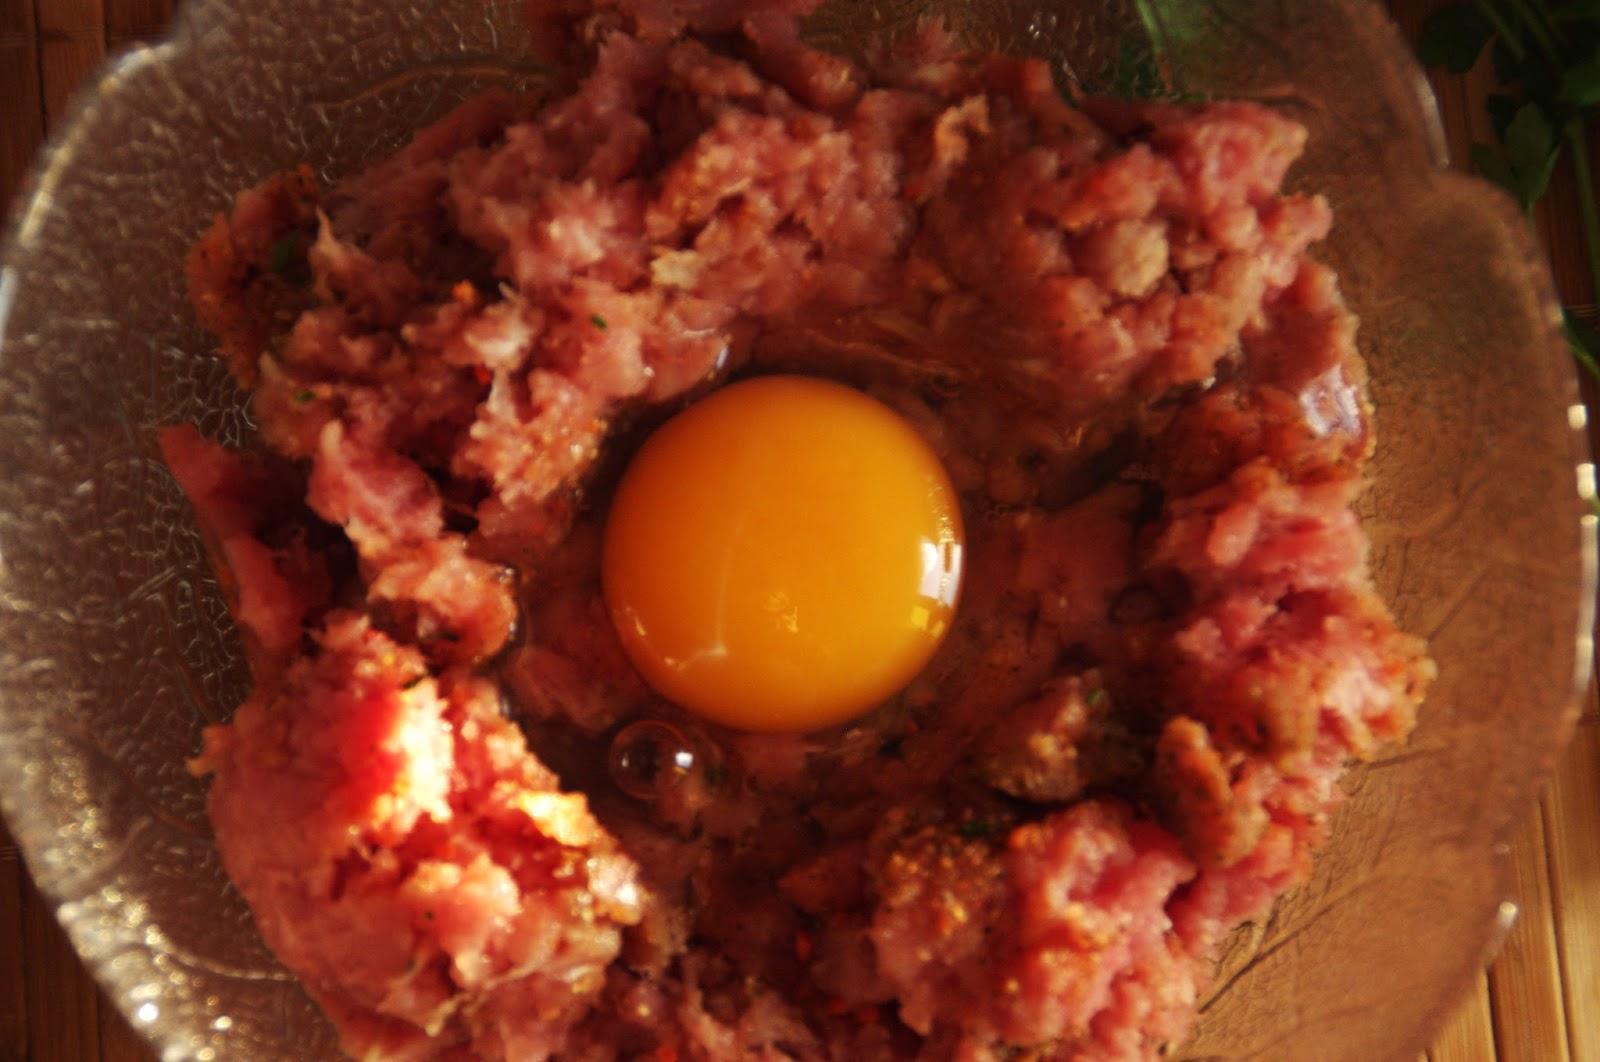 preparamos carne picada con huevo